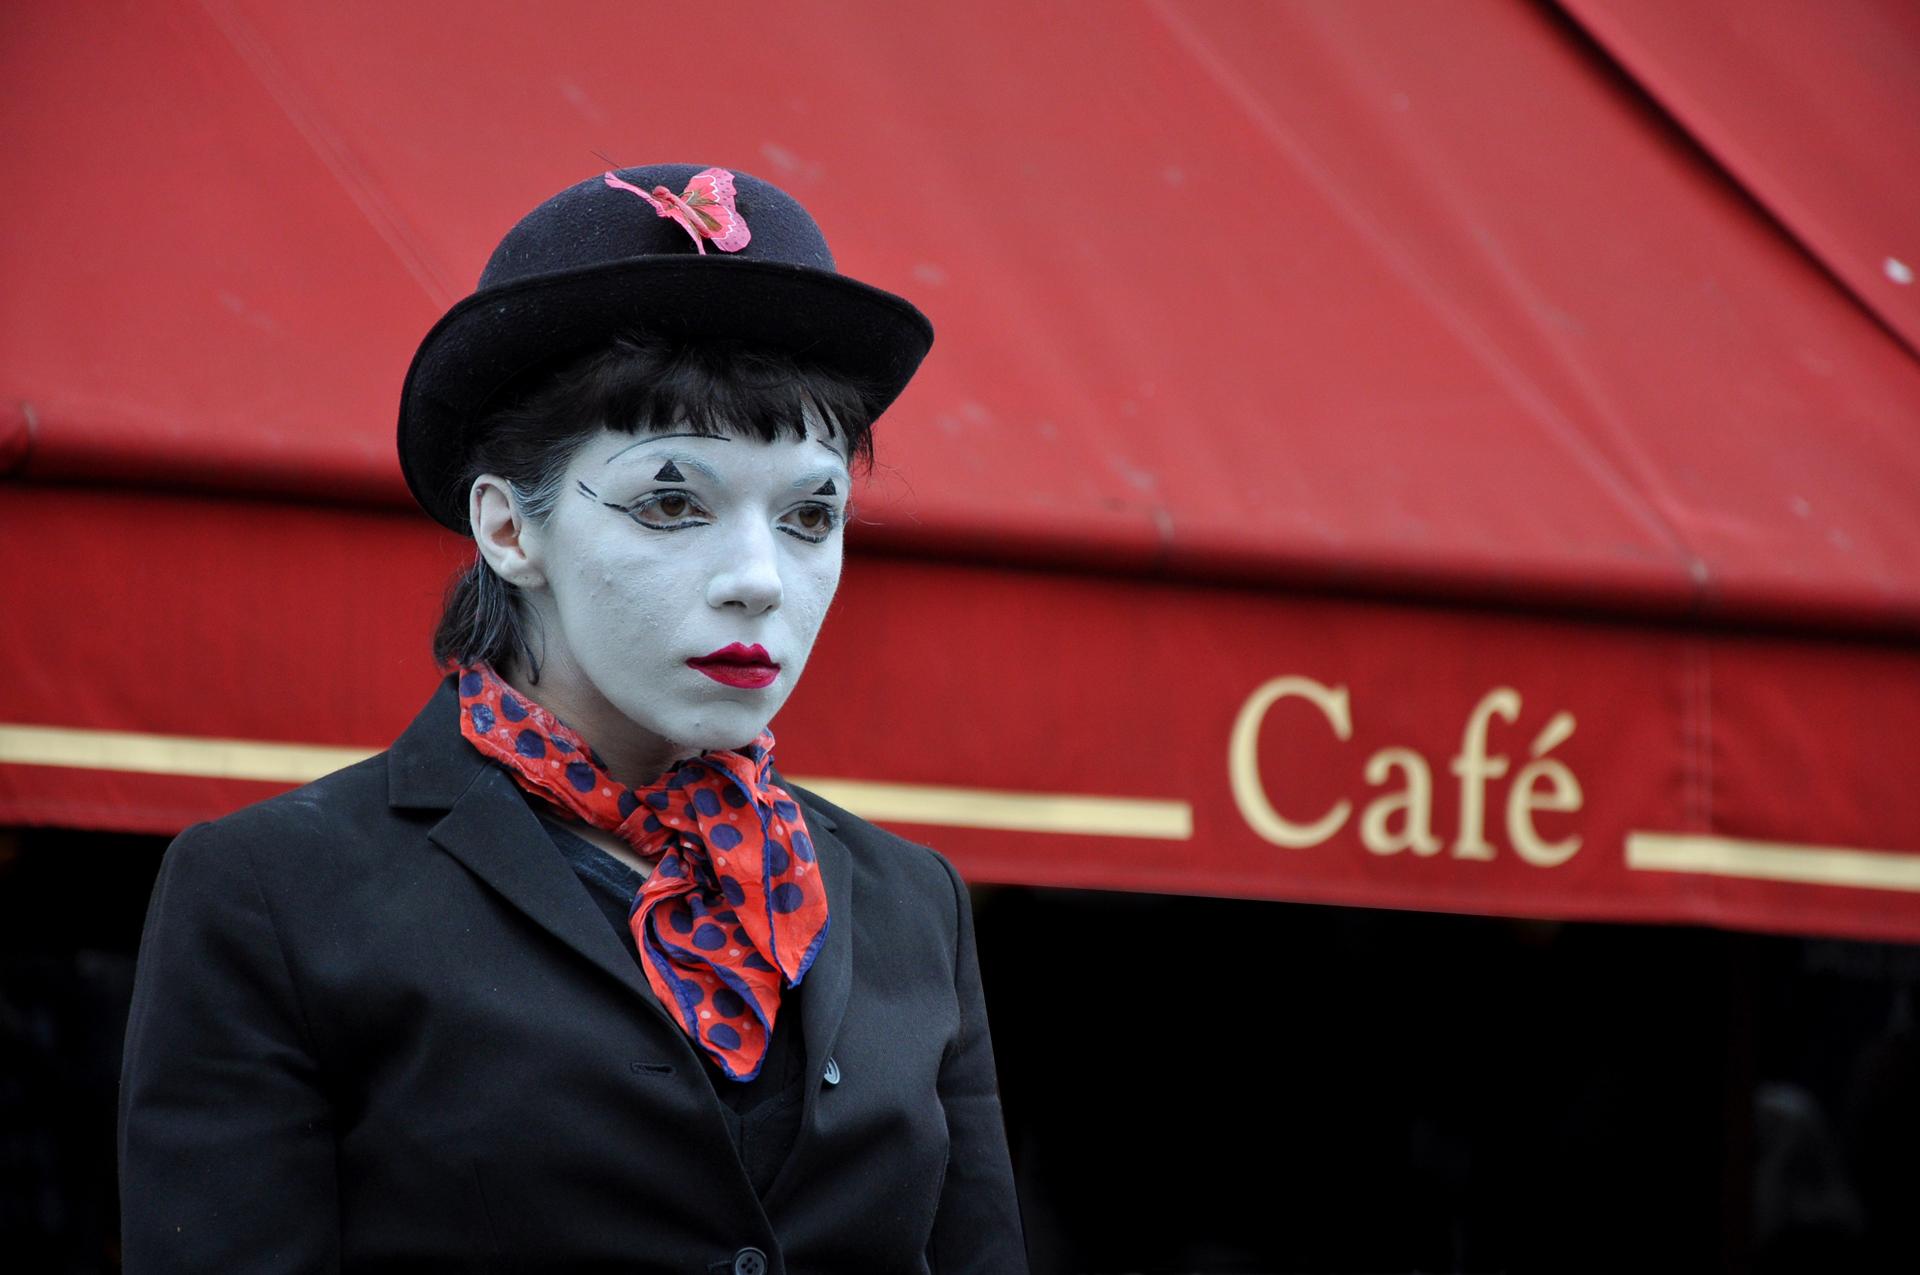 קפה אדום - פריז - Café rouge - יואל שתרוג - אדמה יוצרת - paris - yoel sitruk